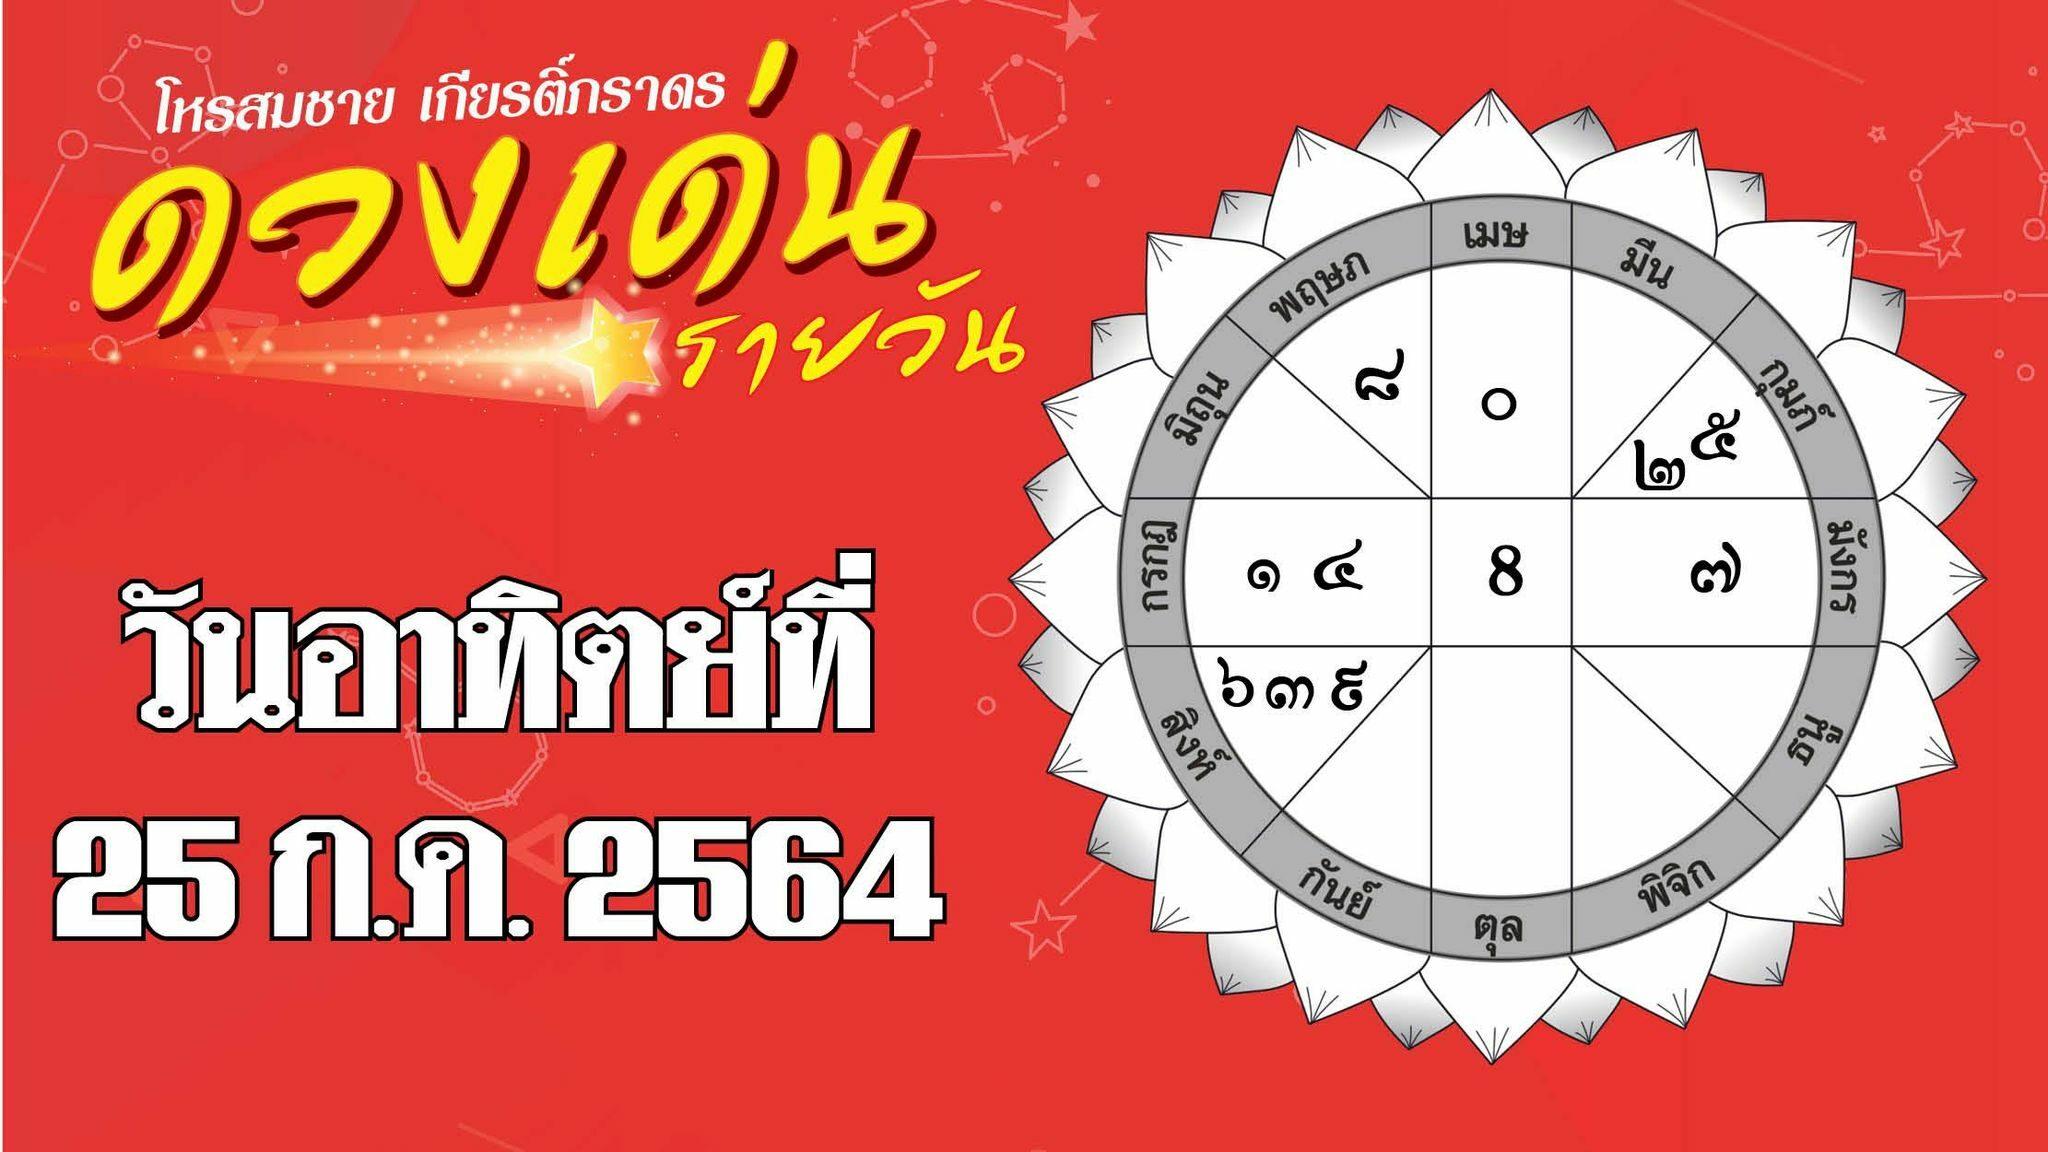 ดวงเด่นรายวันประจำวันอาทิตย์ที่ 25 กรกฎาคม พ.ศ.2564